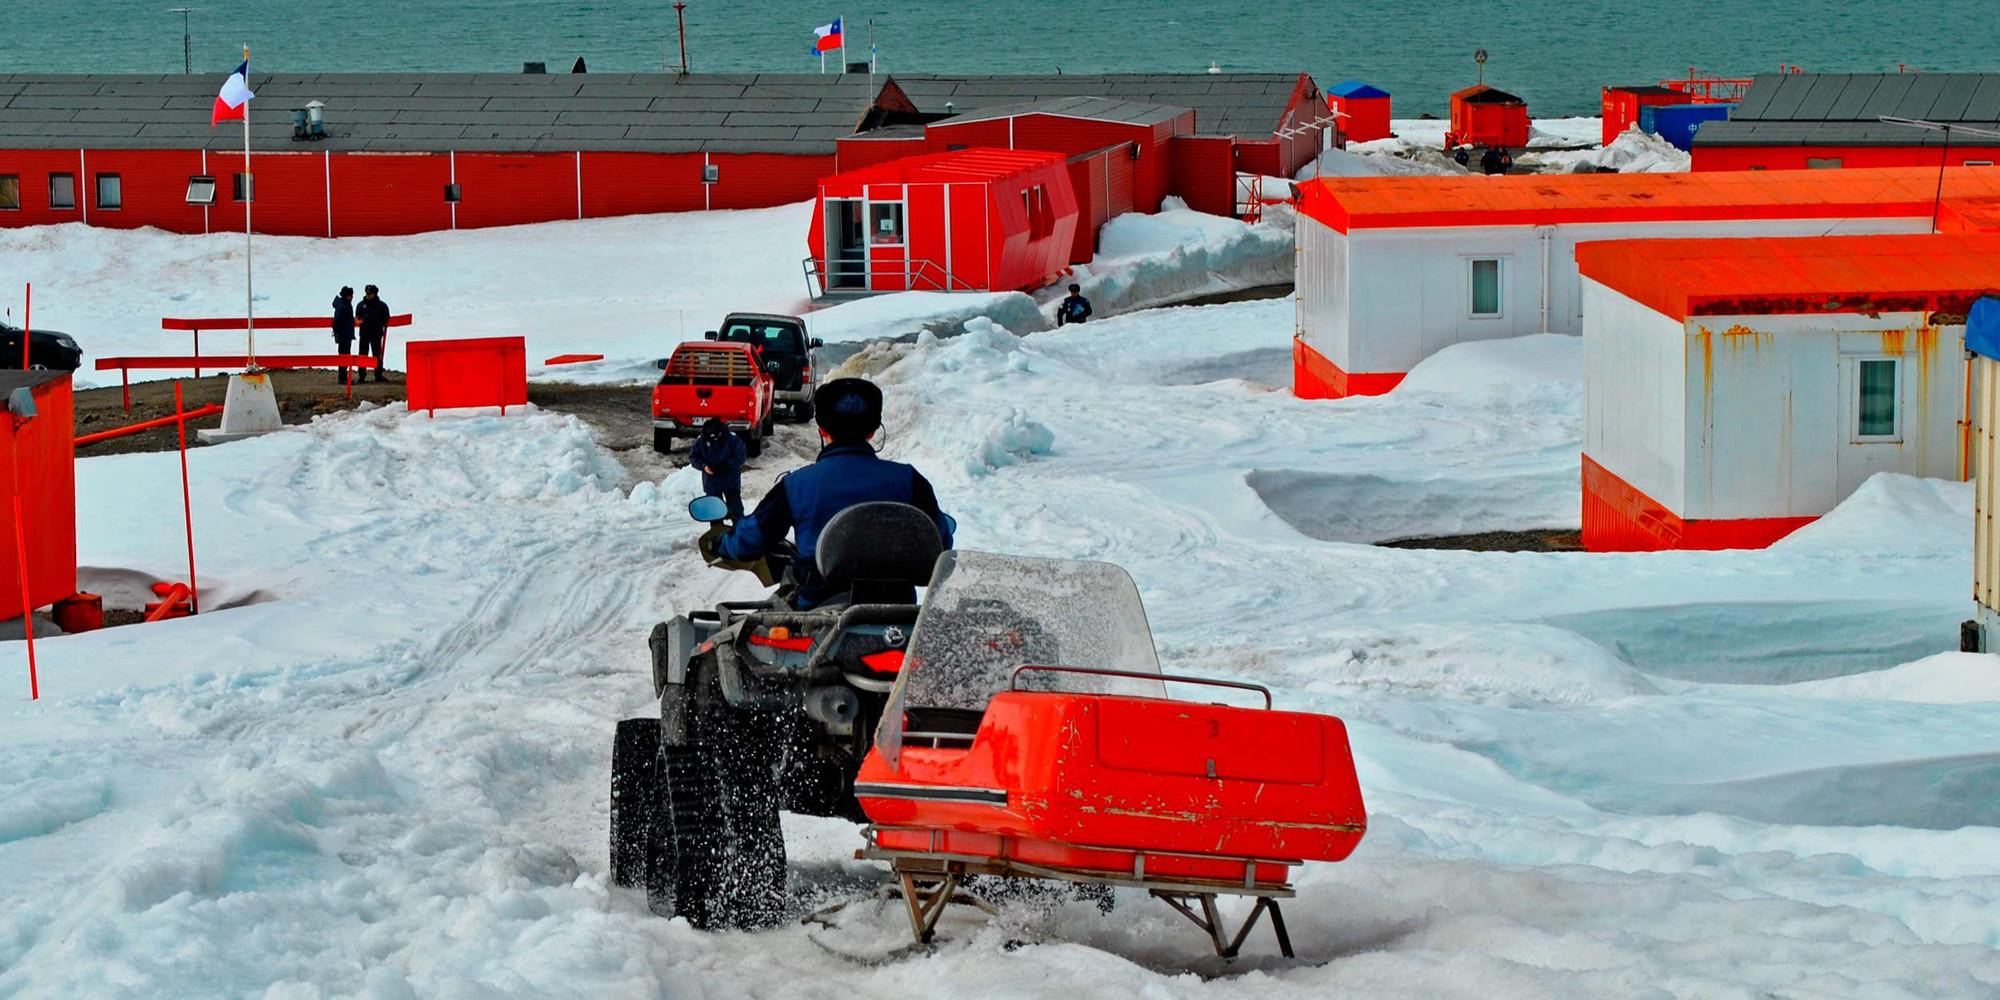 Ngôi làng nên thơ kỳ lạ giữa Nam Cực buộc bạn phải cắt bỏ một phần nội tạng nếu muốn định cư - Ảnh 3.